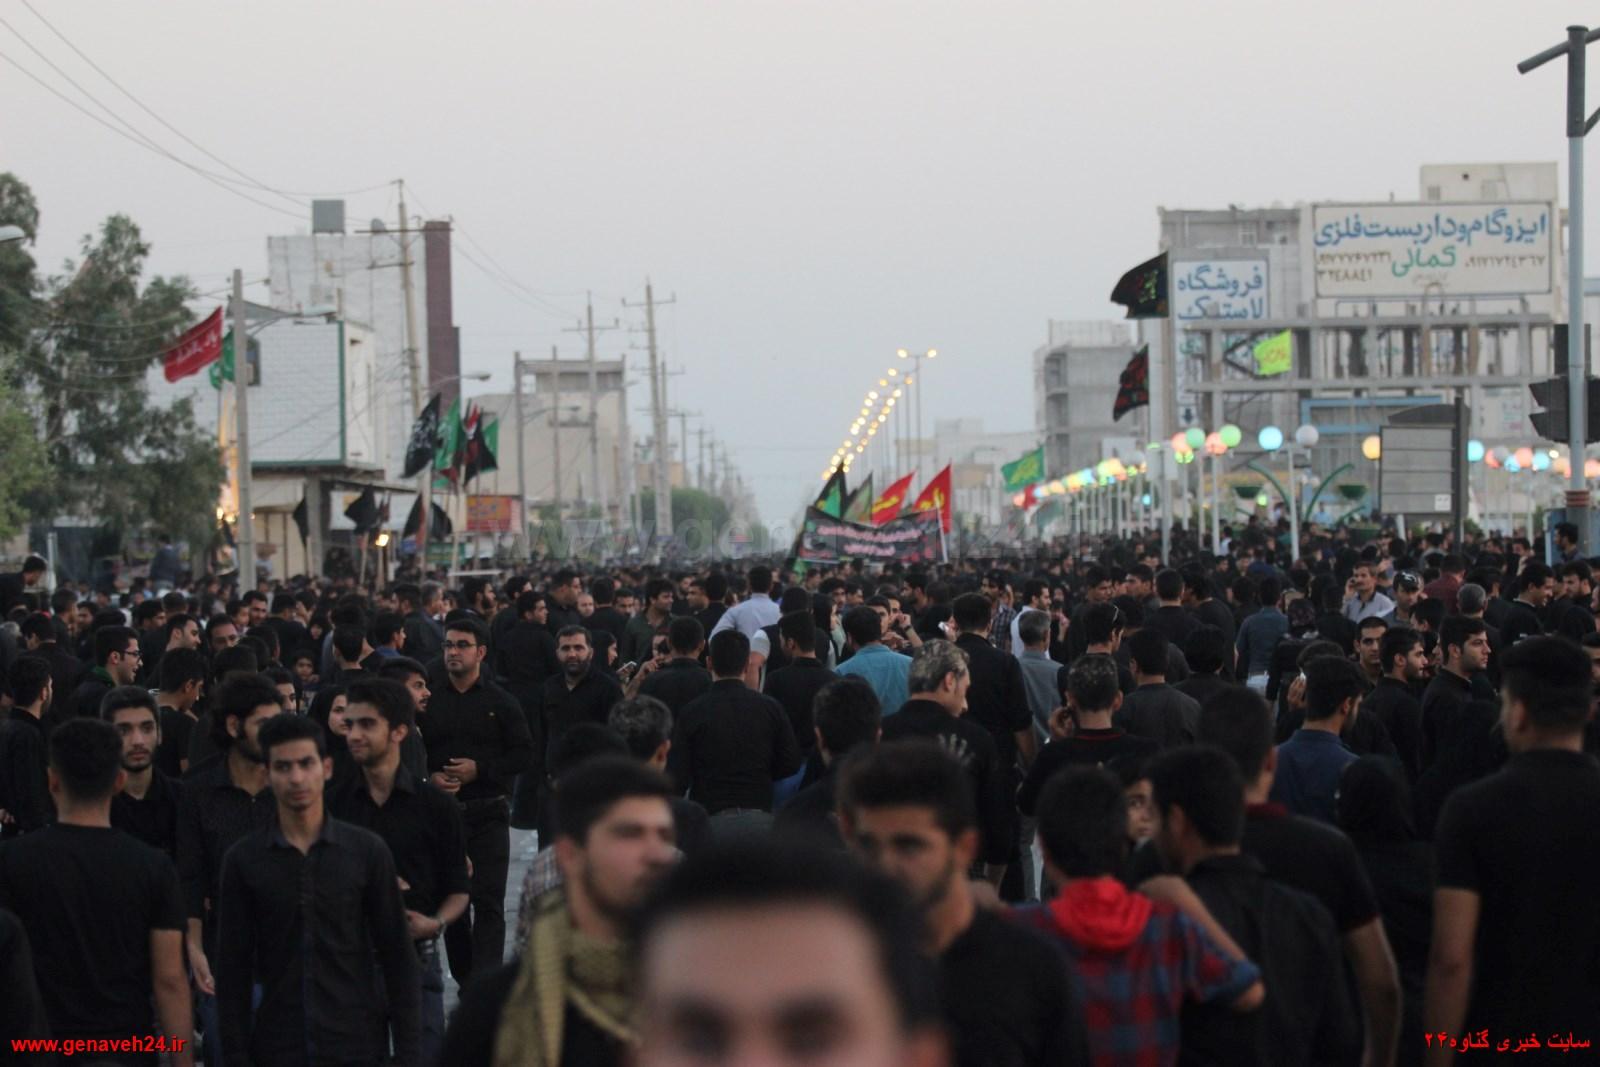 بزرگترین اجتماع عاشورایی استان بوشهر را بر هم نزنید!